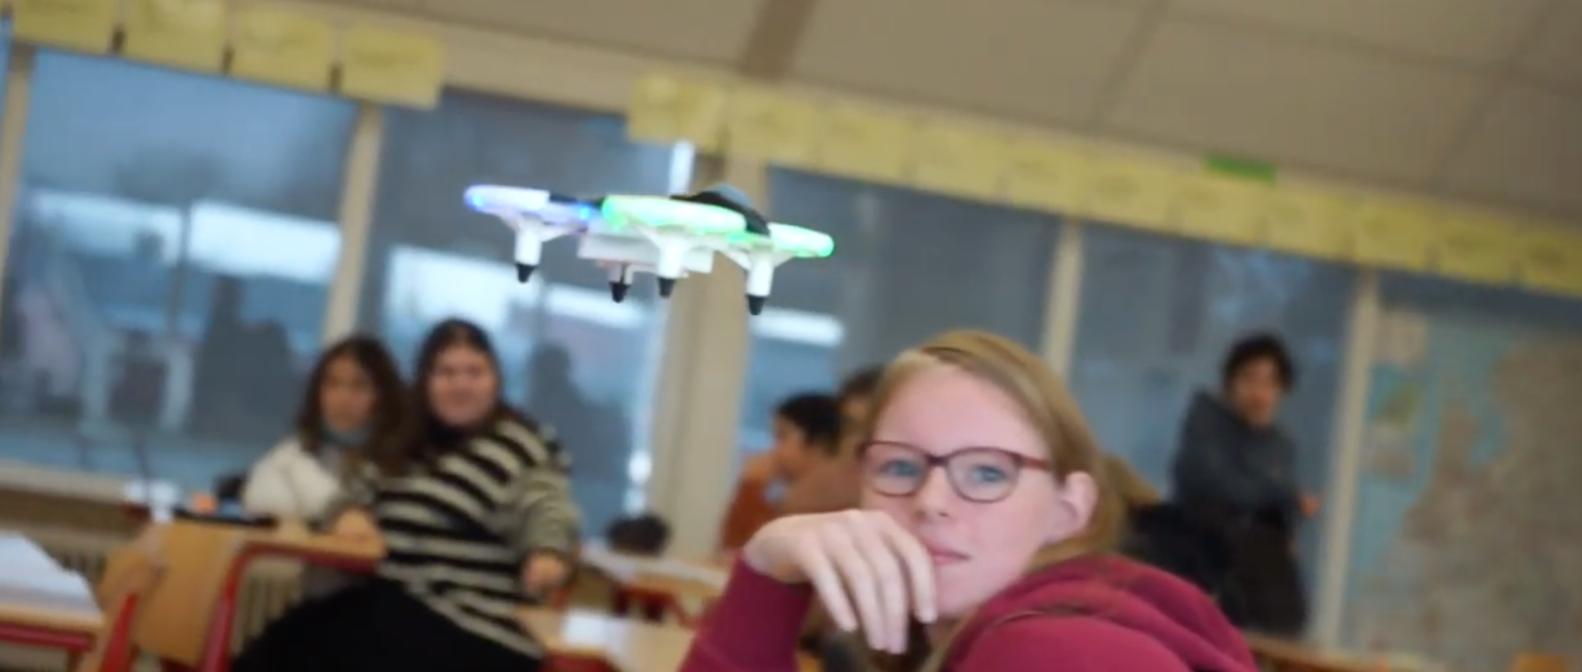 Drone Cup Finals les bij Cambreur College